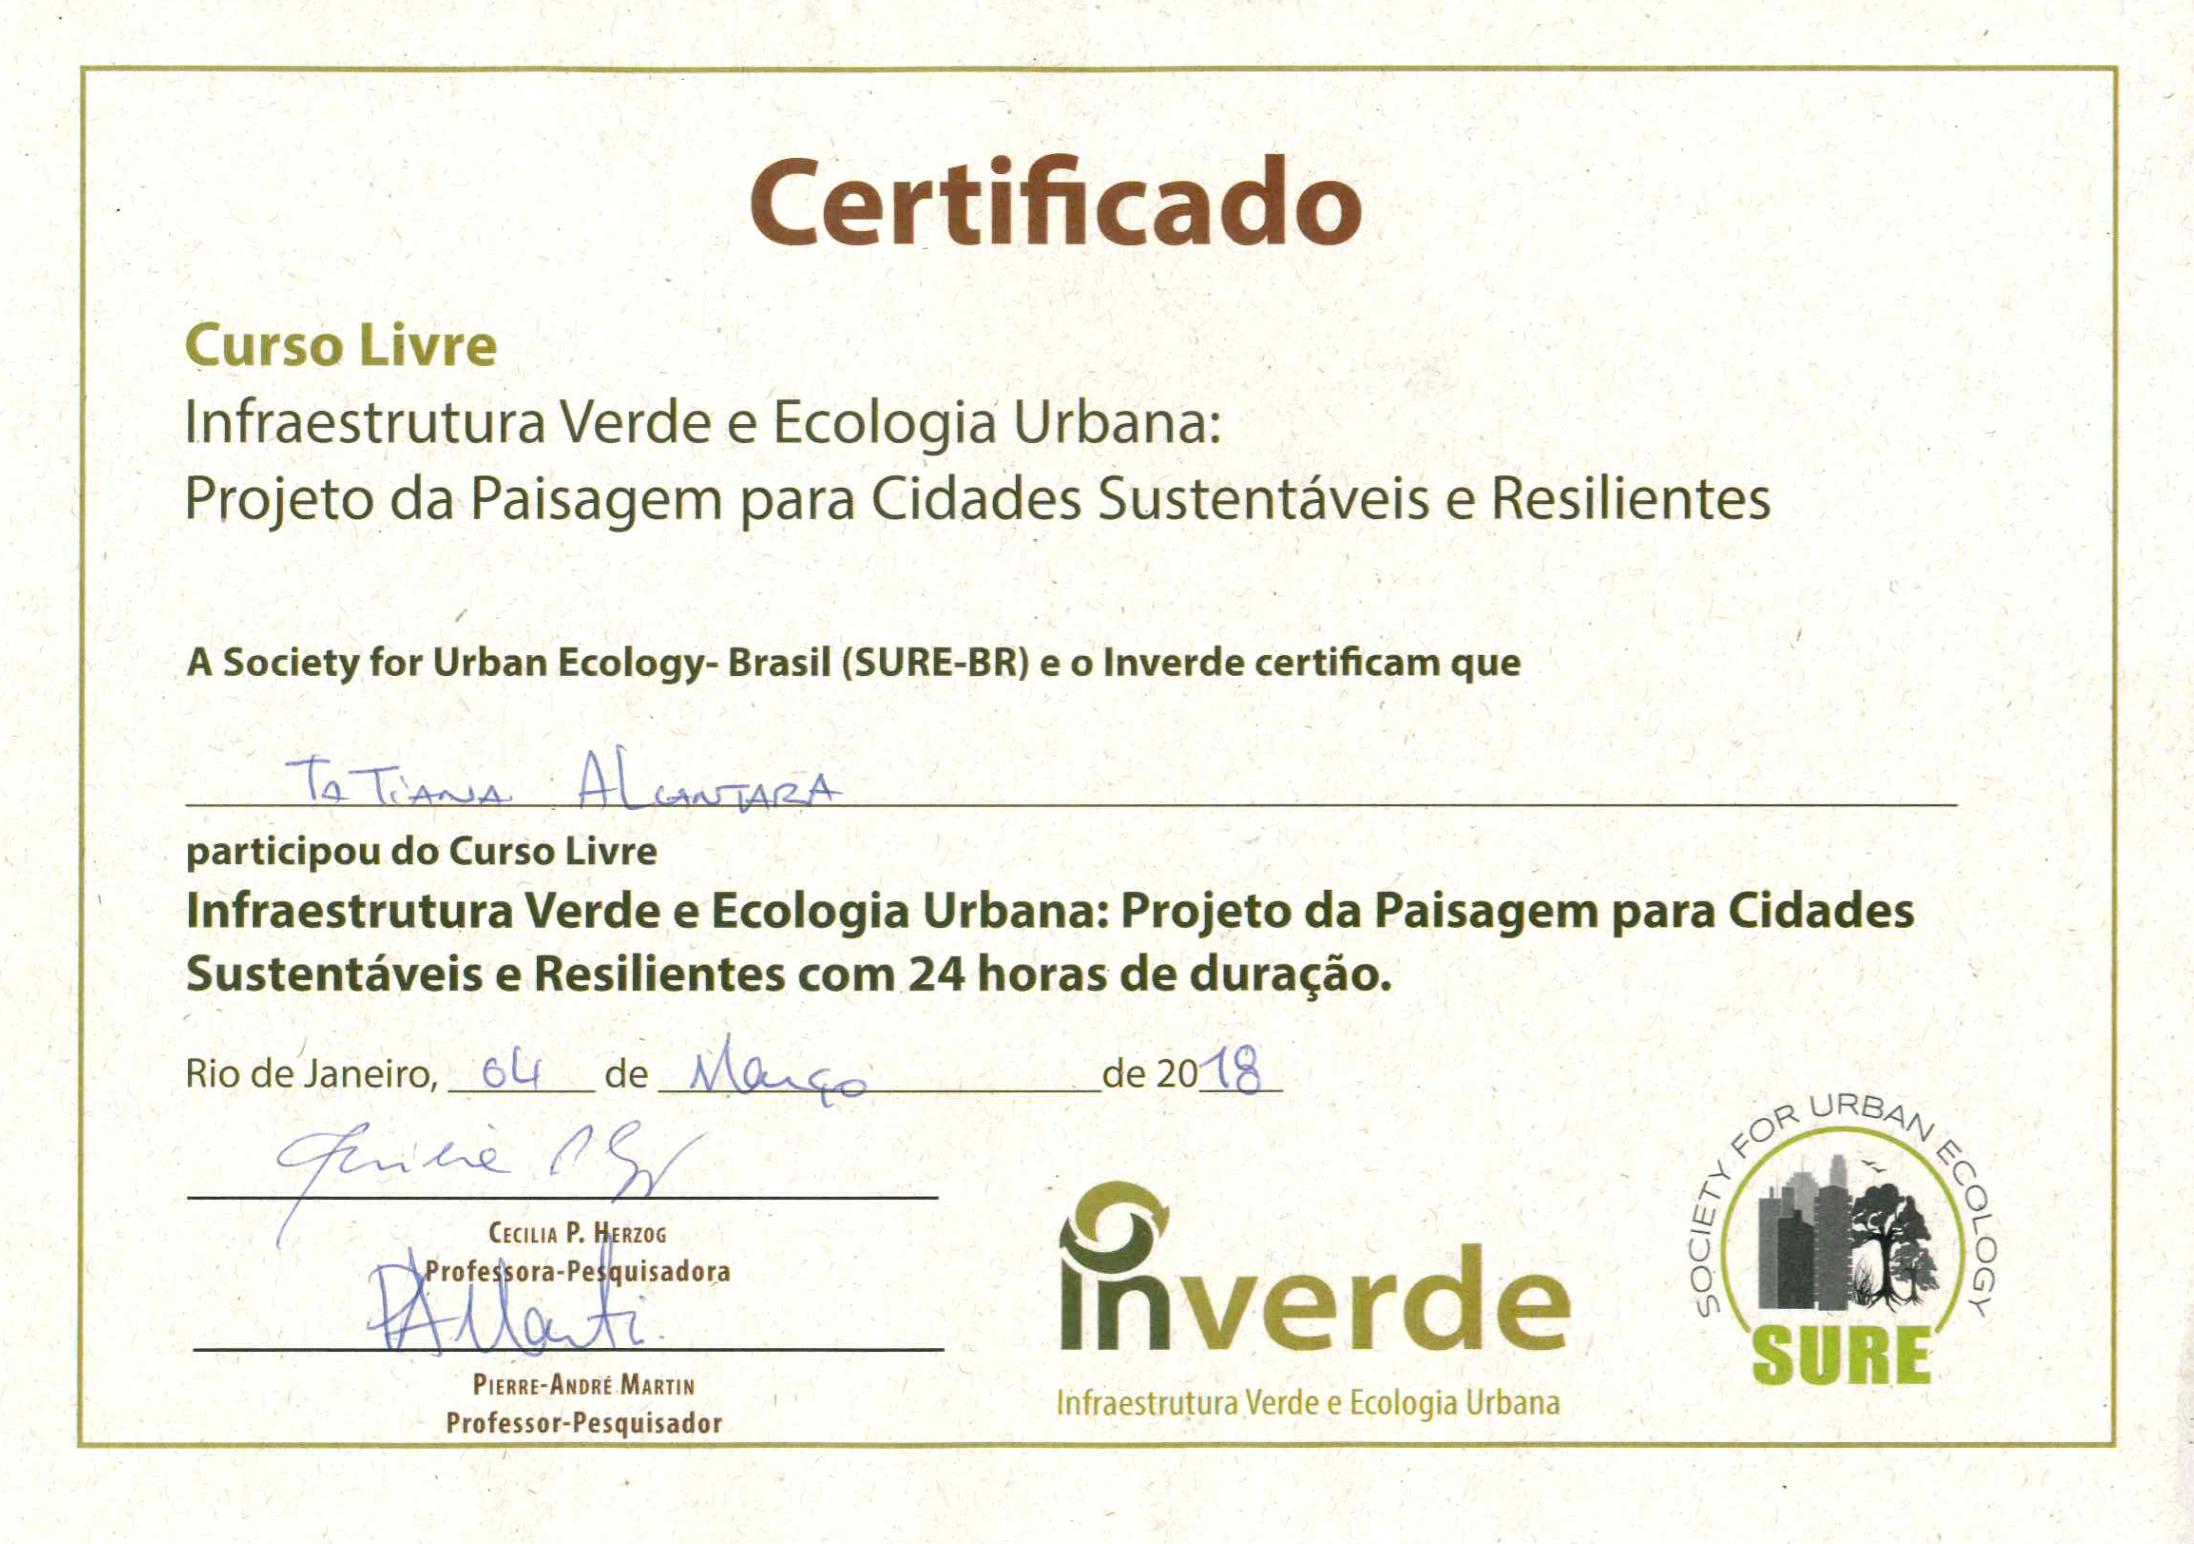 Infra. Verde e Ecologia Urbana 2018